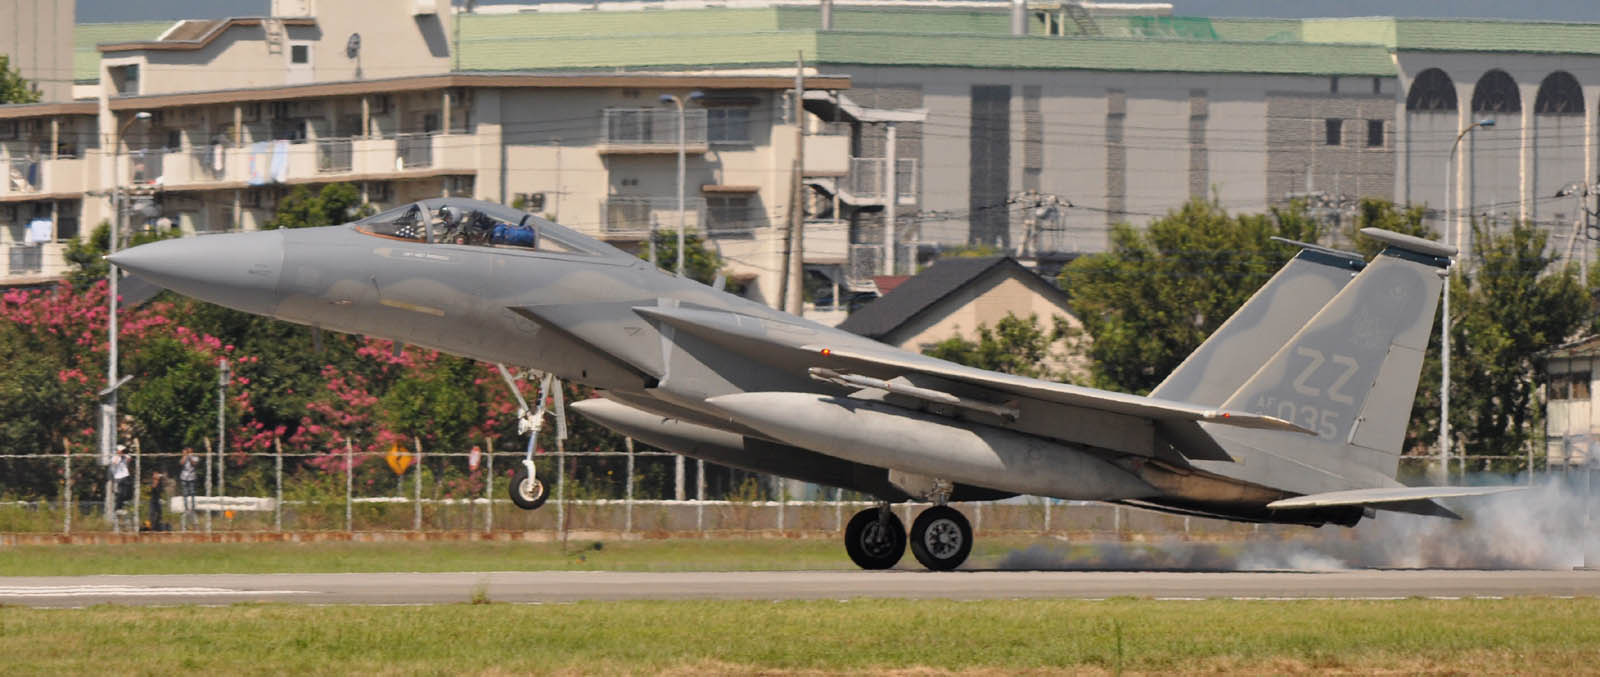 F15c120820g450